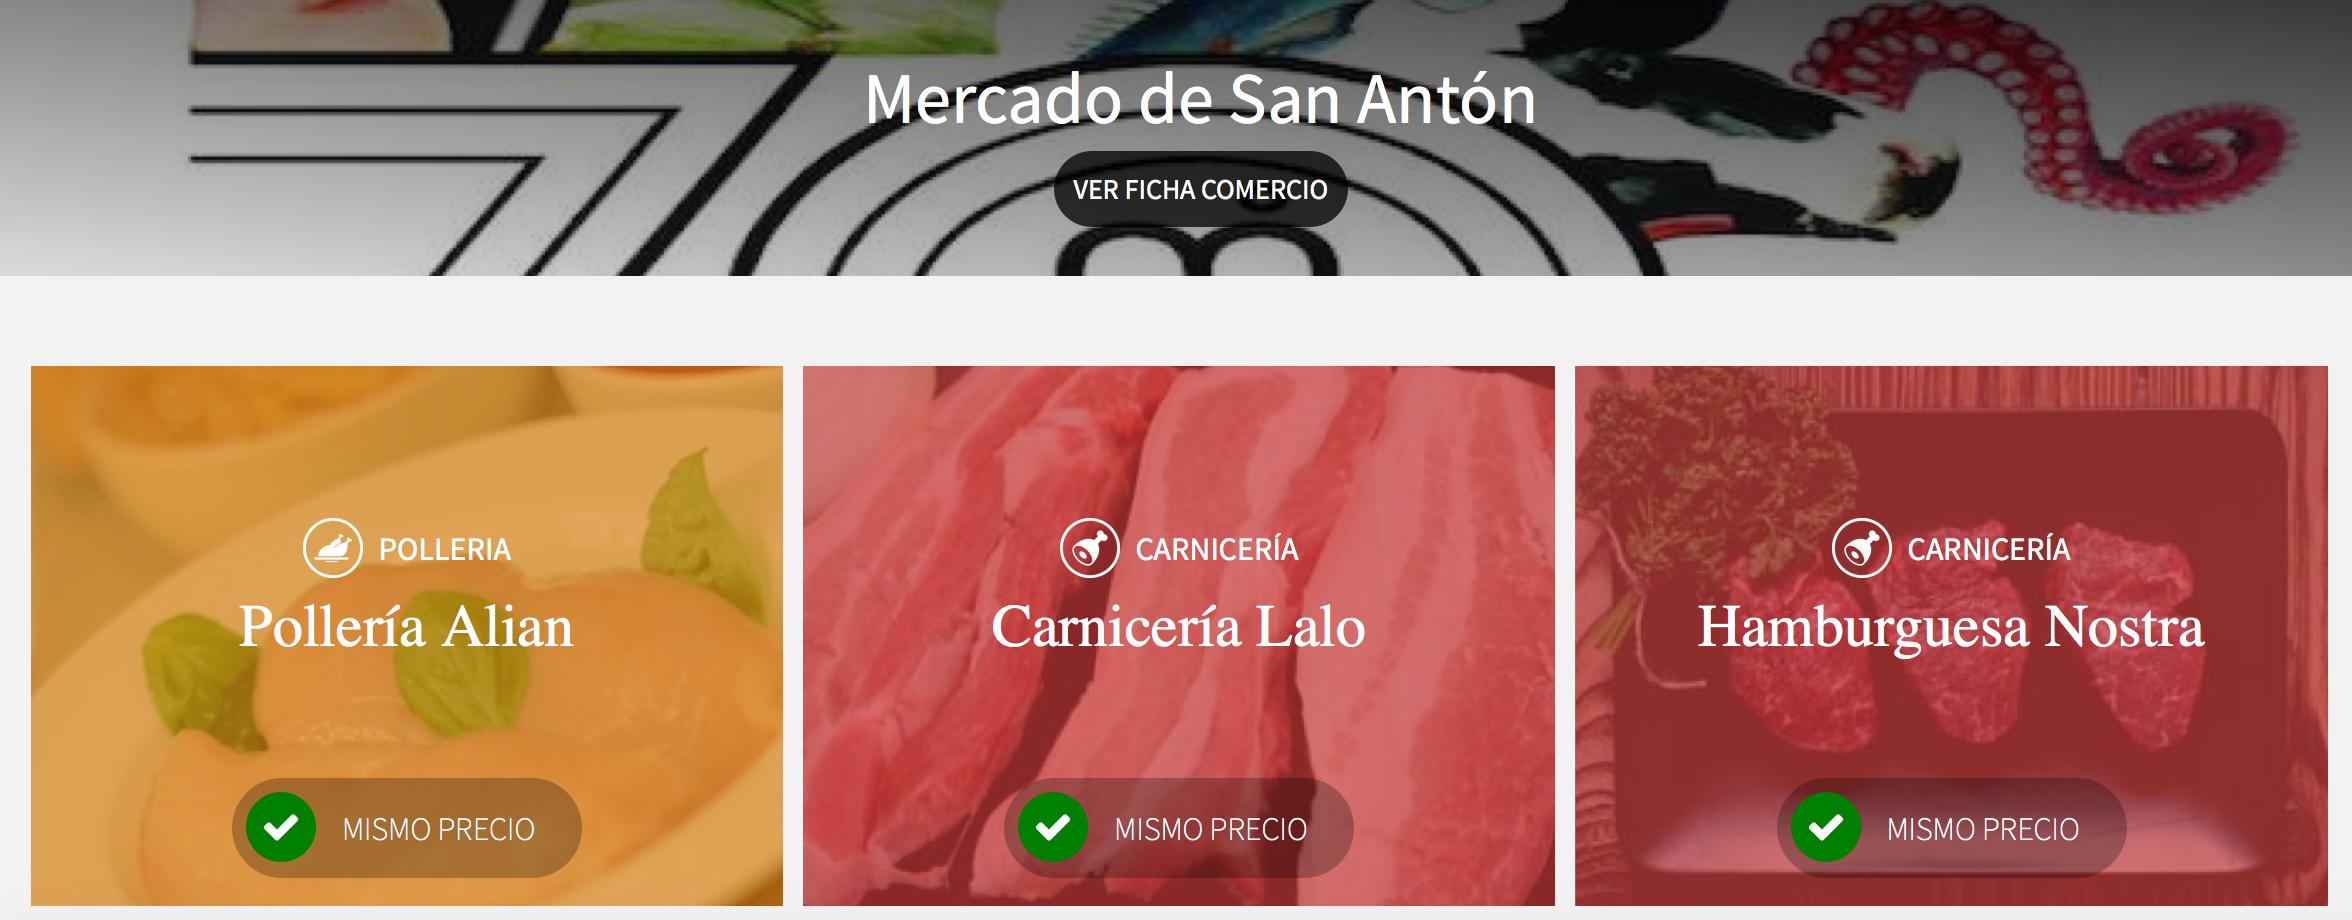 Mercado-de-San-Anton-Lola-Market-blog-de-moda-como-hacer-la-compra-online-productos-organicos-youzz-PiensaenChic-Piensa-en-Chic